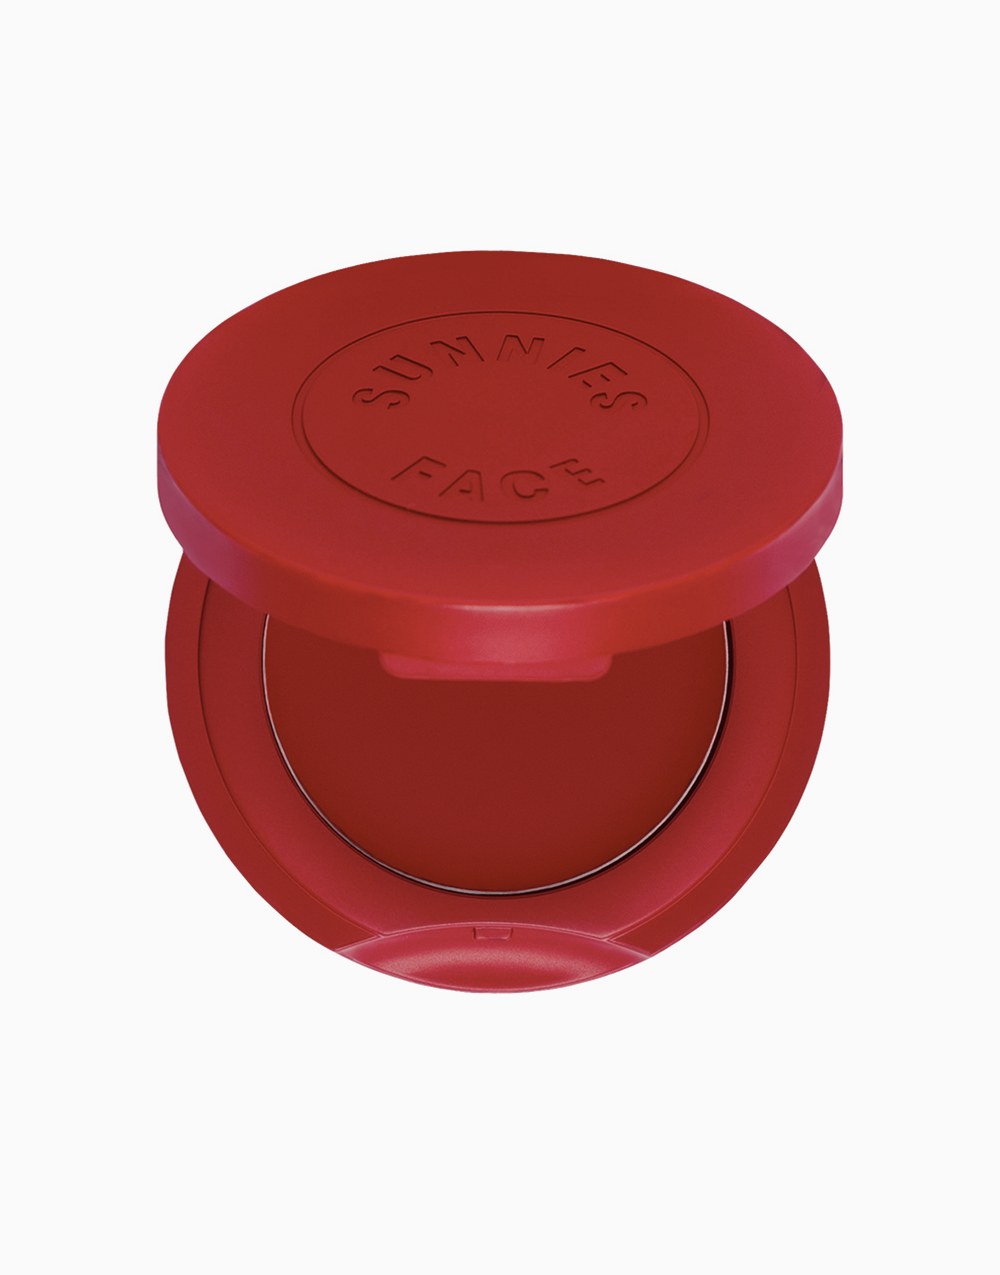 Sunnies Face Airblush [Cream Blush & Cheek Tint] (Disco) by Sunnies Face   Disco